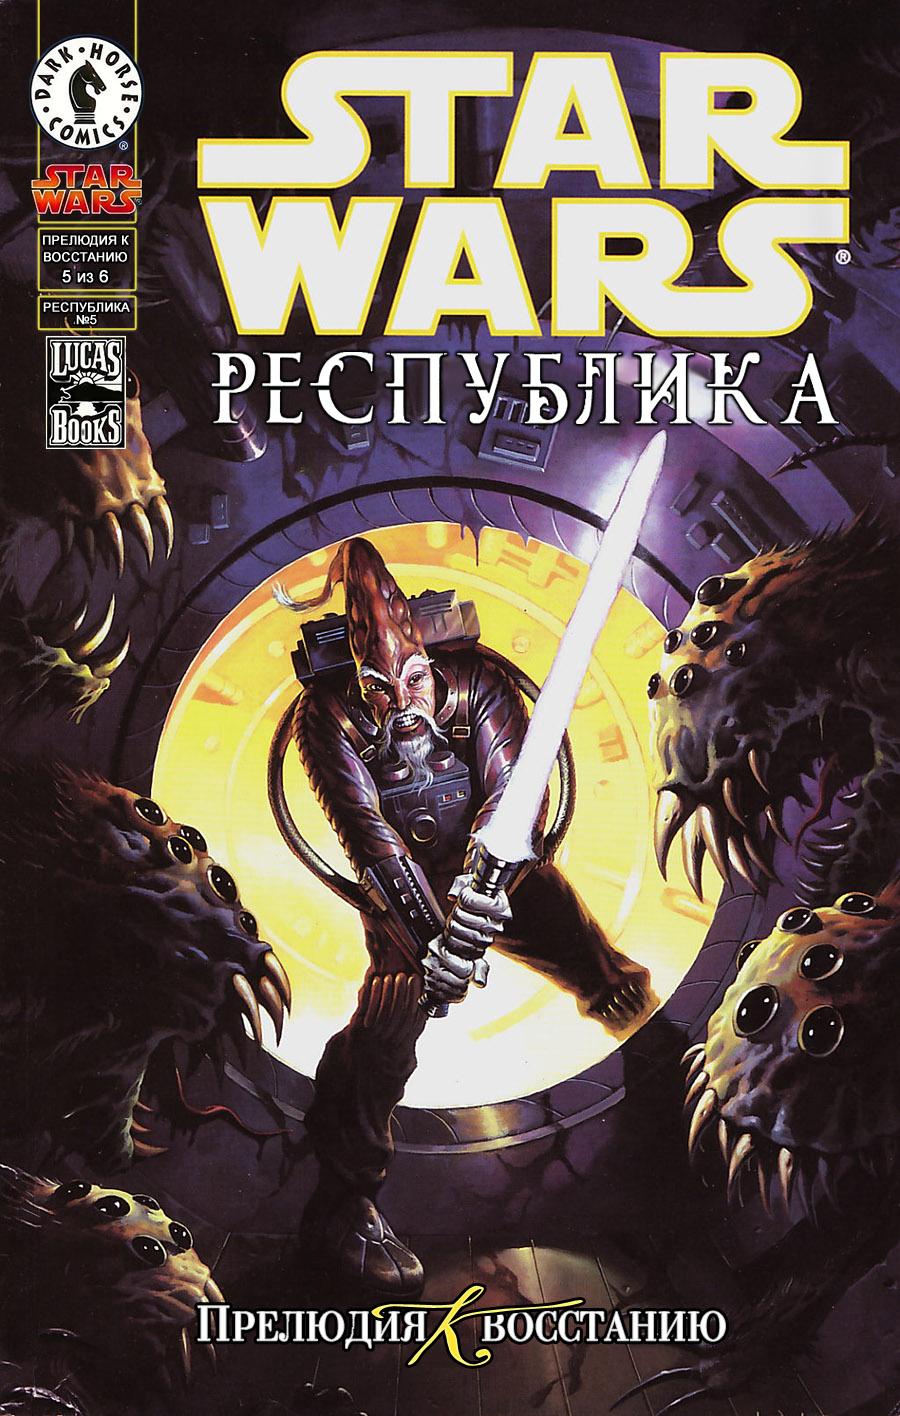 Звёздные войны. Республика 5: Прелюдия к восстанию, часть 5